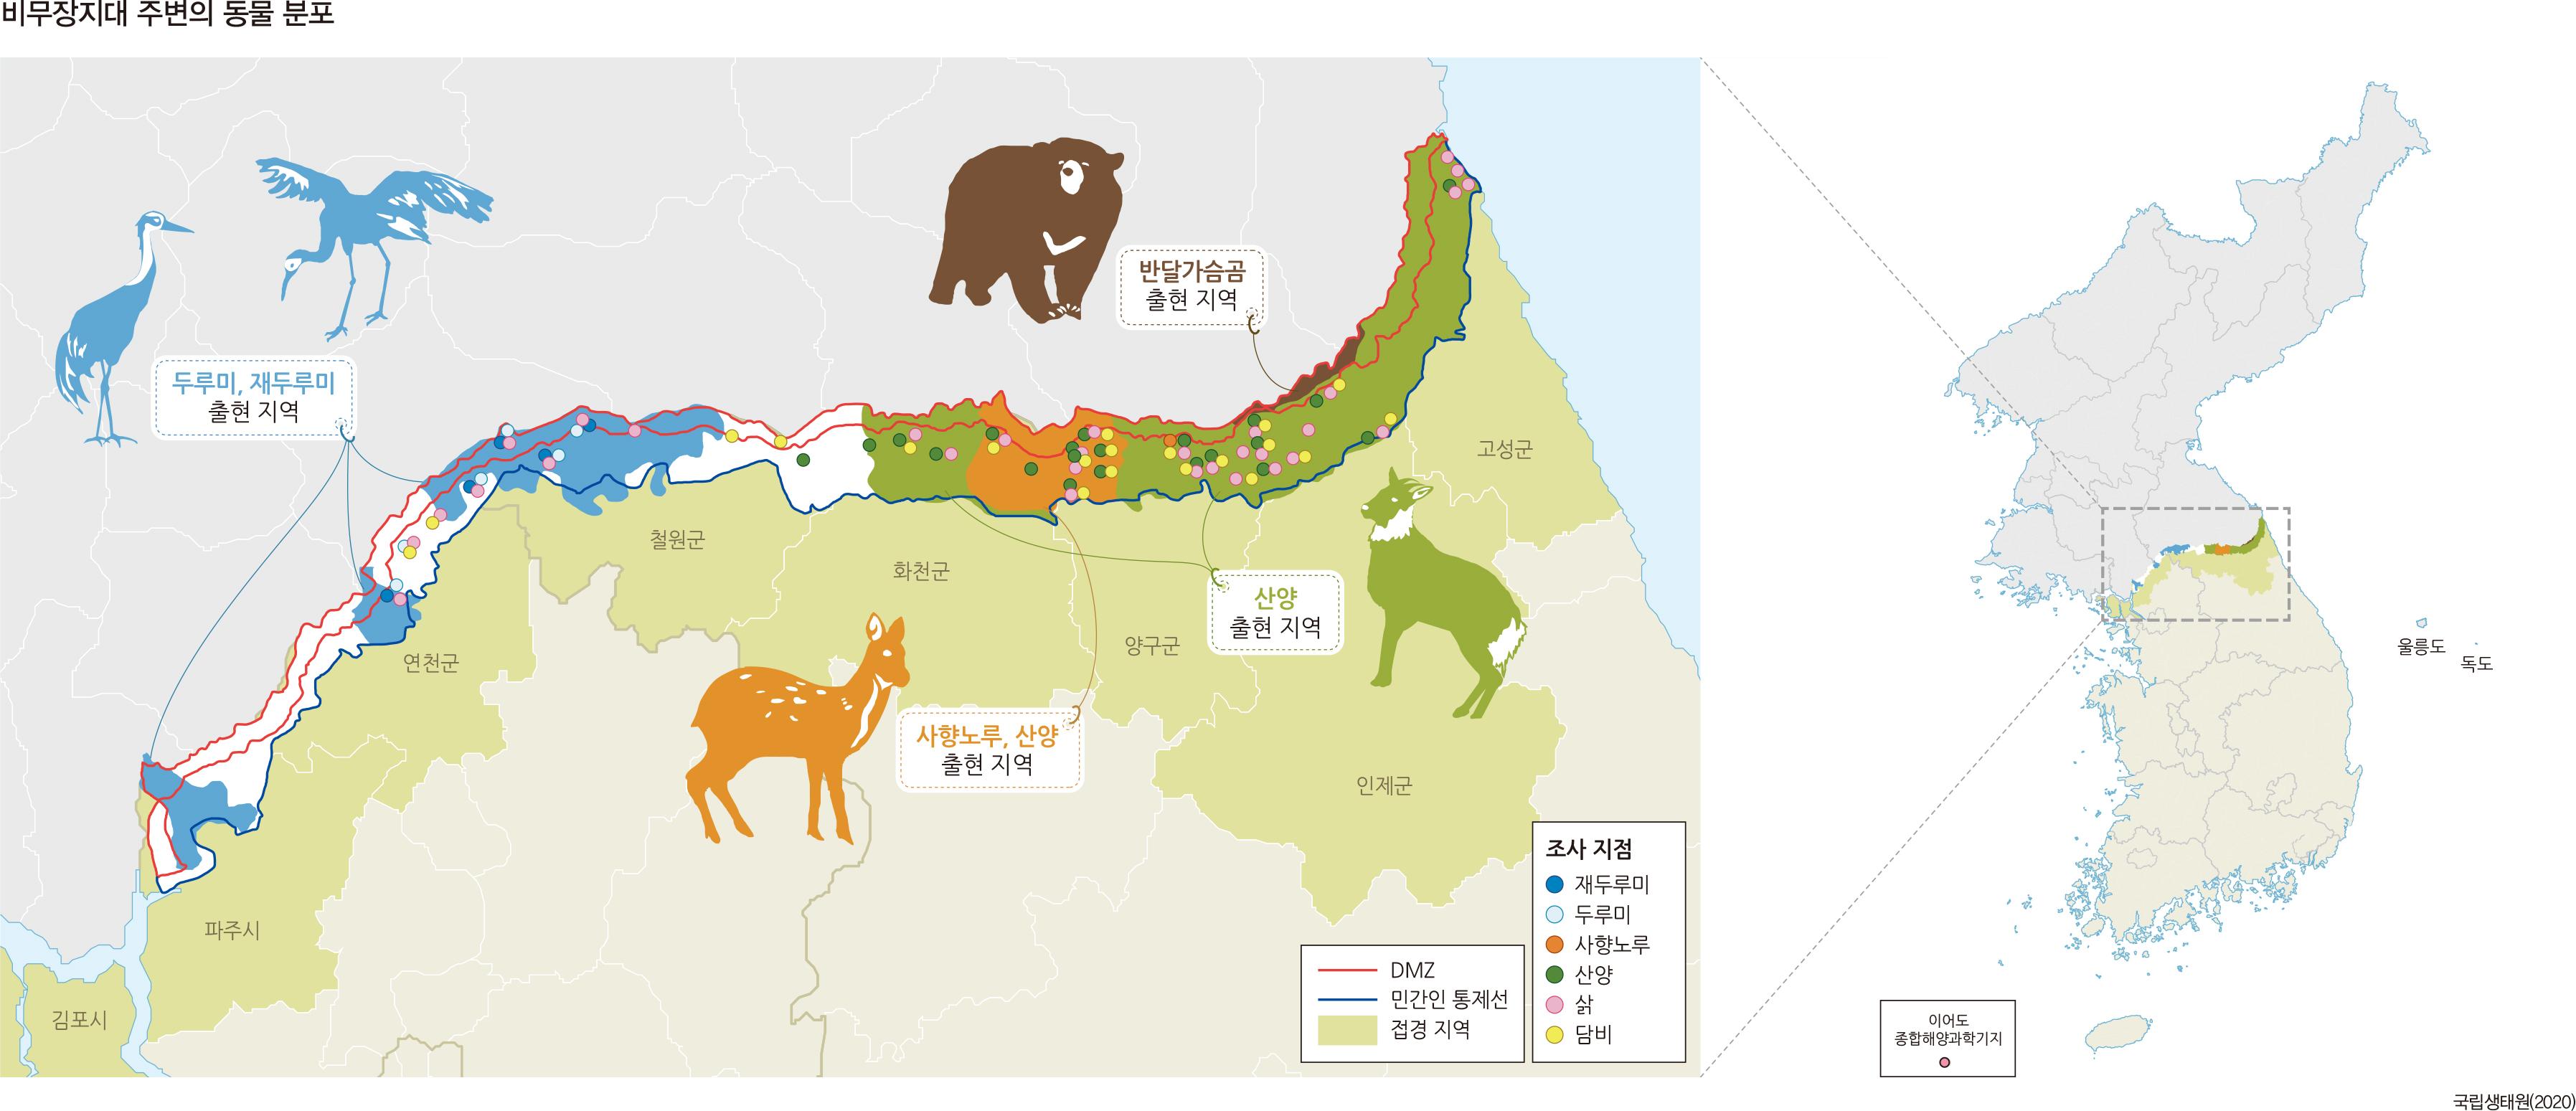 비무장지대 주변의 동물 분포